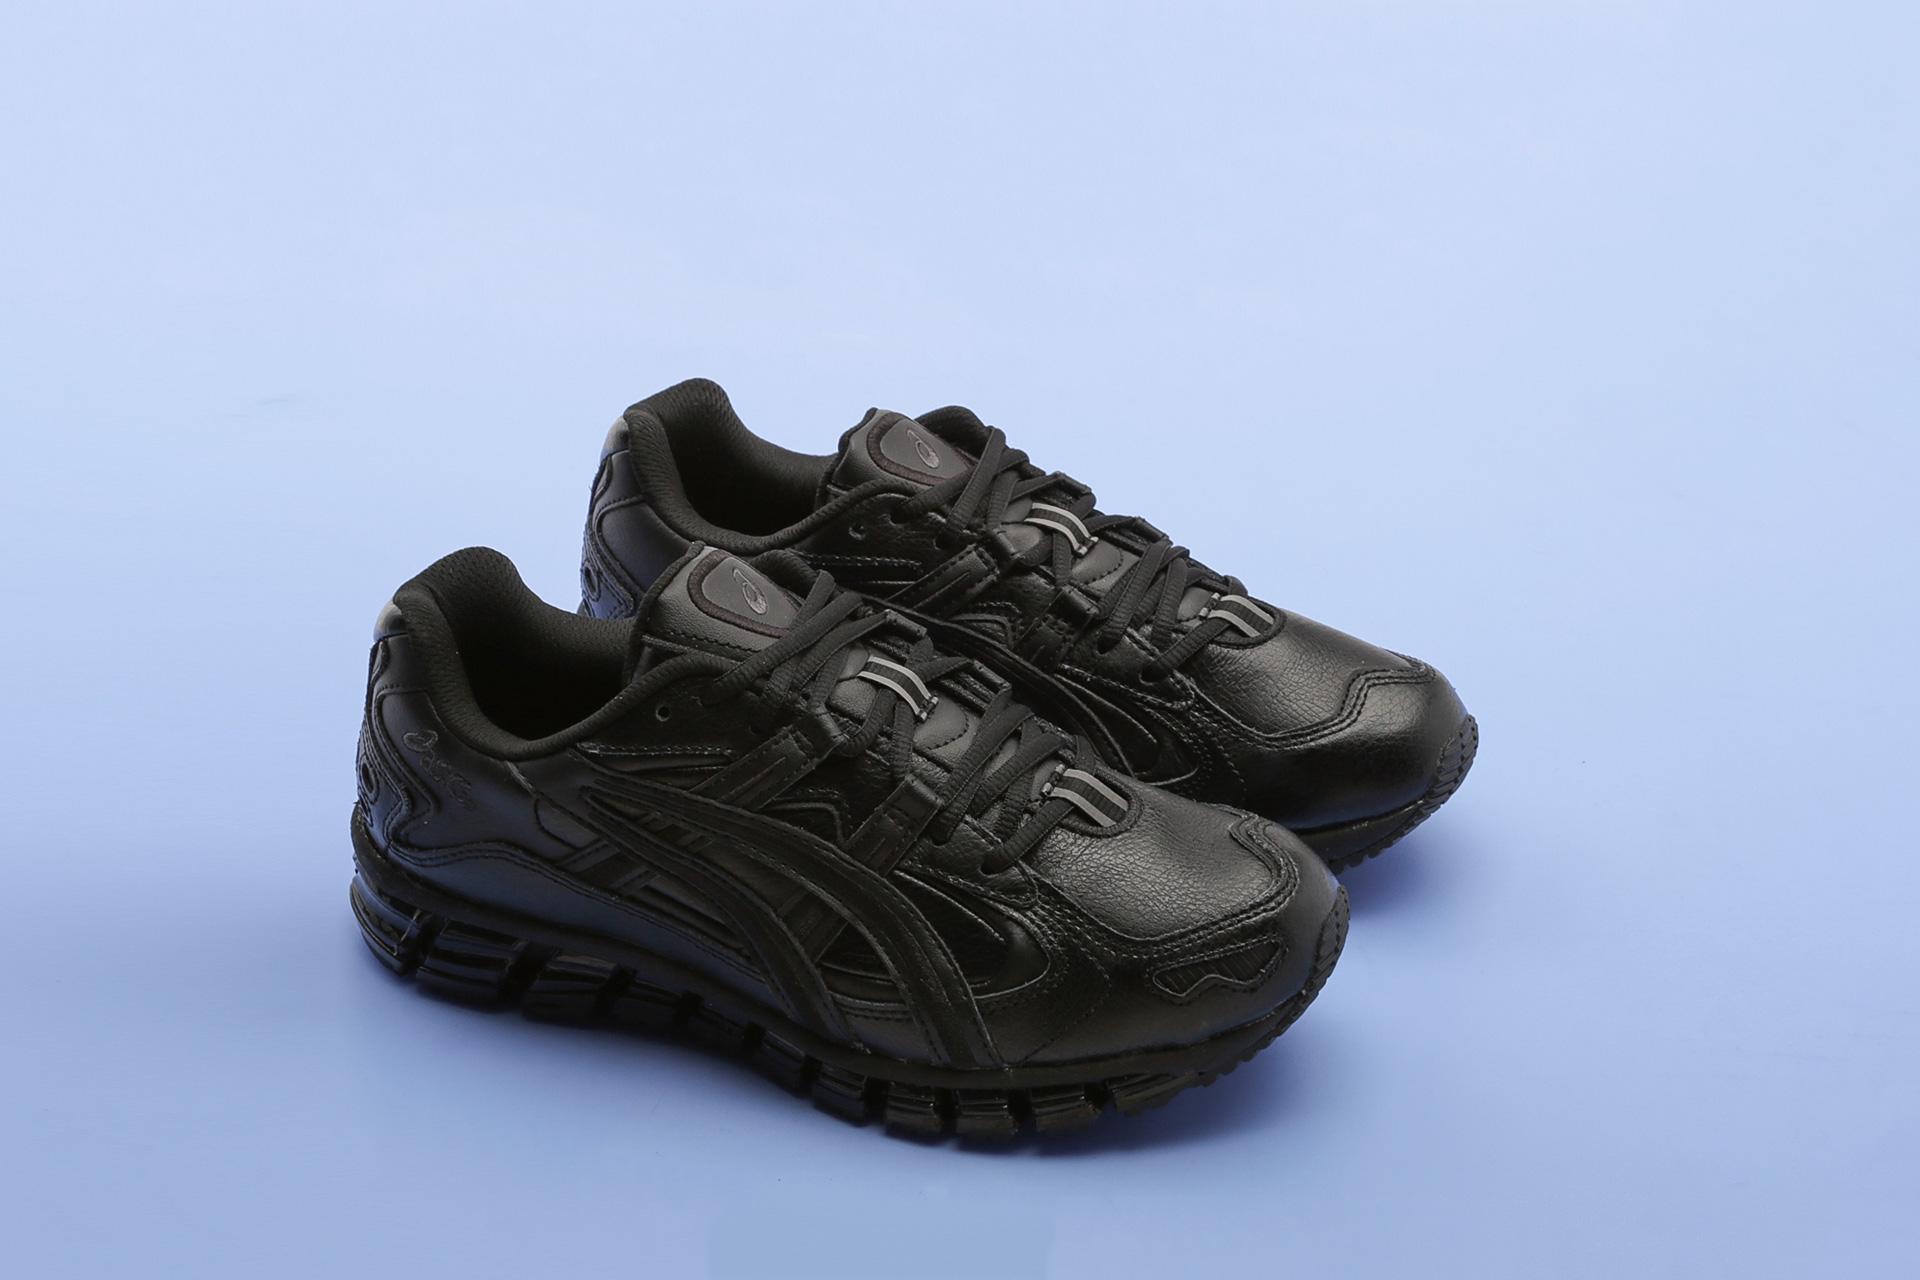 73f71328209 Купить черные мужские кроссовки Gel-Kayano 5 360 от ASICS (1021A161 ...